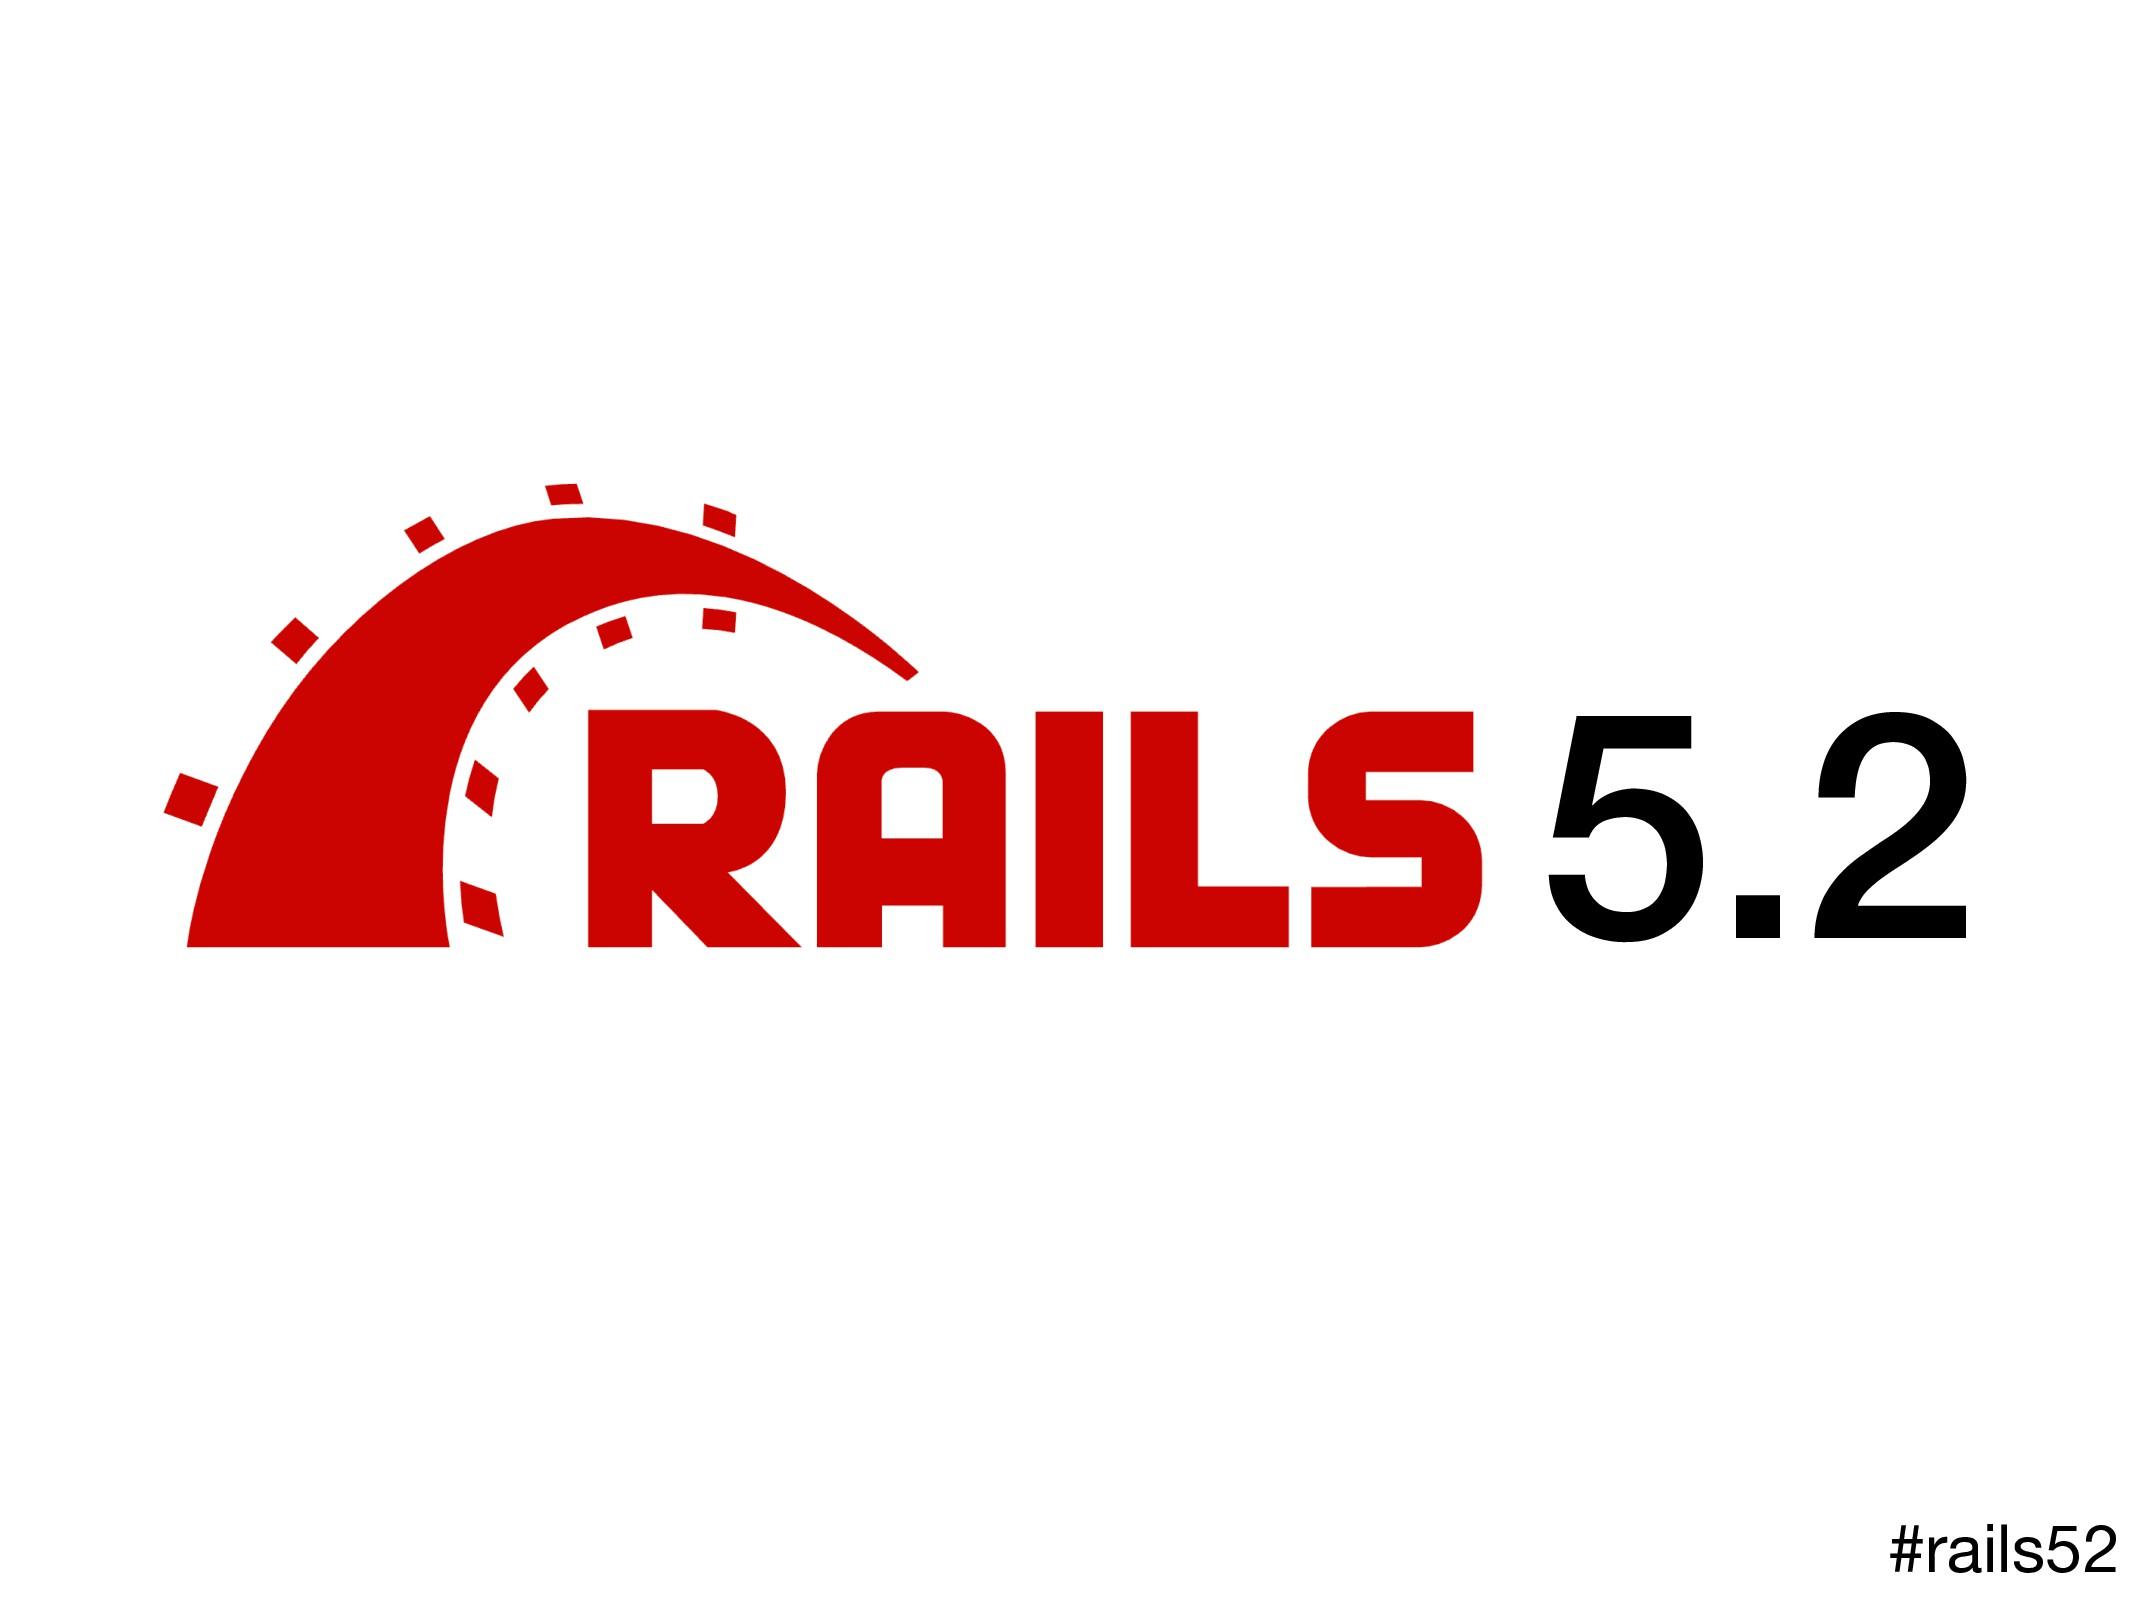 5.2 #rails52